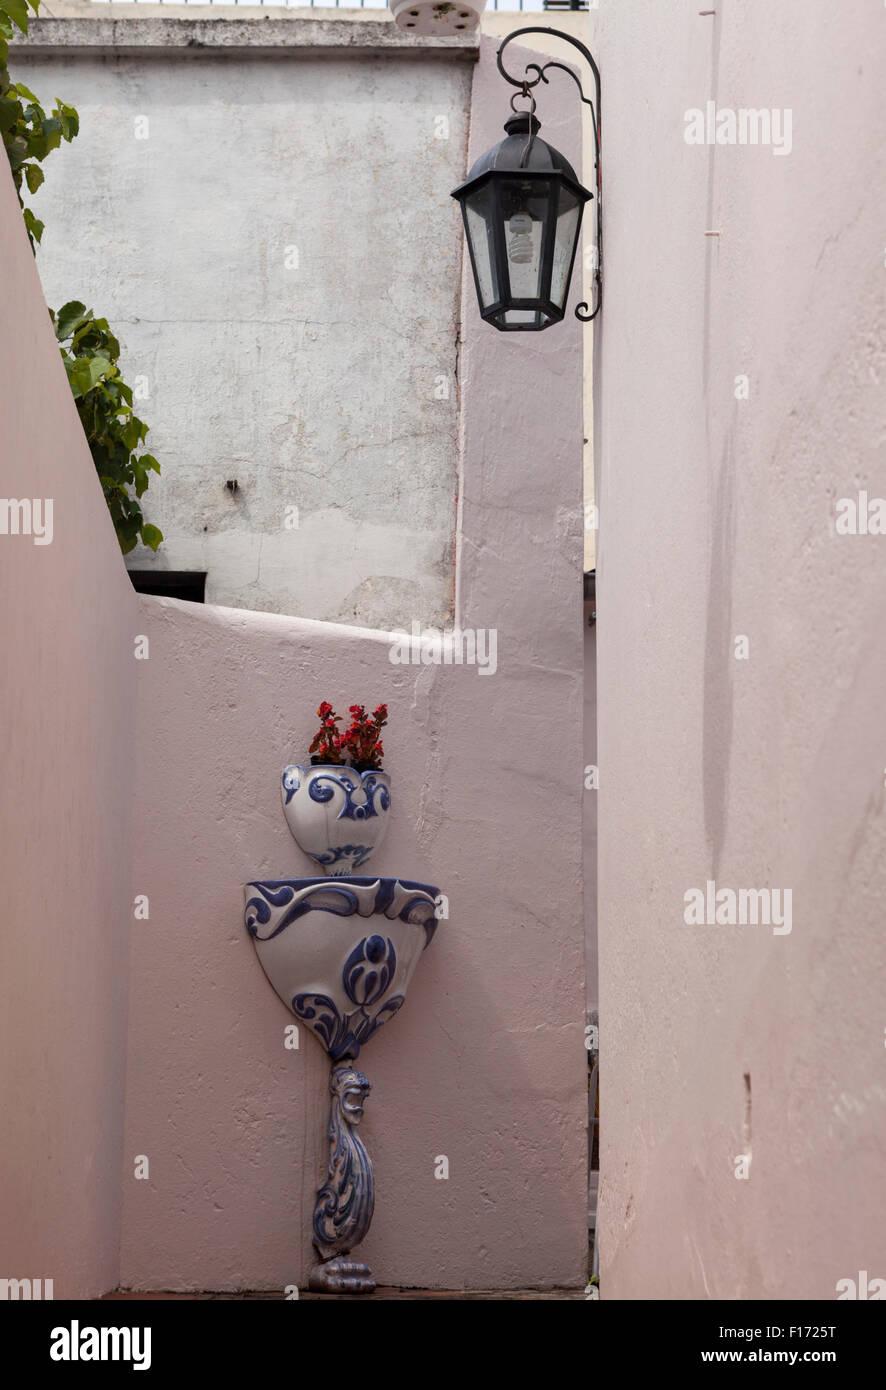 Semoir en porcelaine & fontaine sur mur dans la Calle de passage de Santa Rita dans la vieille ville de Colonia Photo Stock